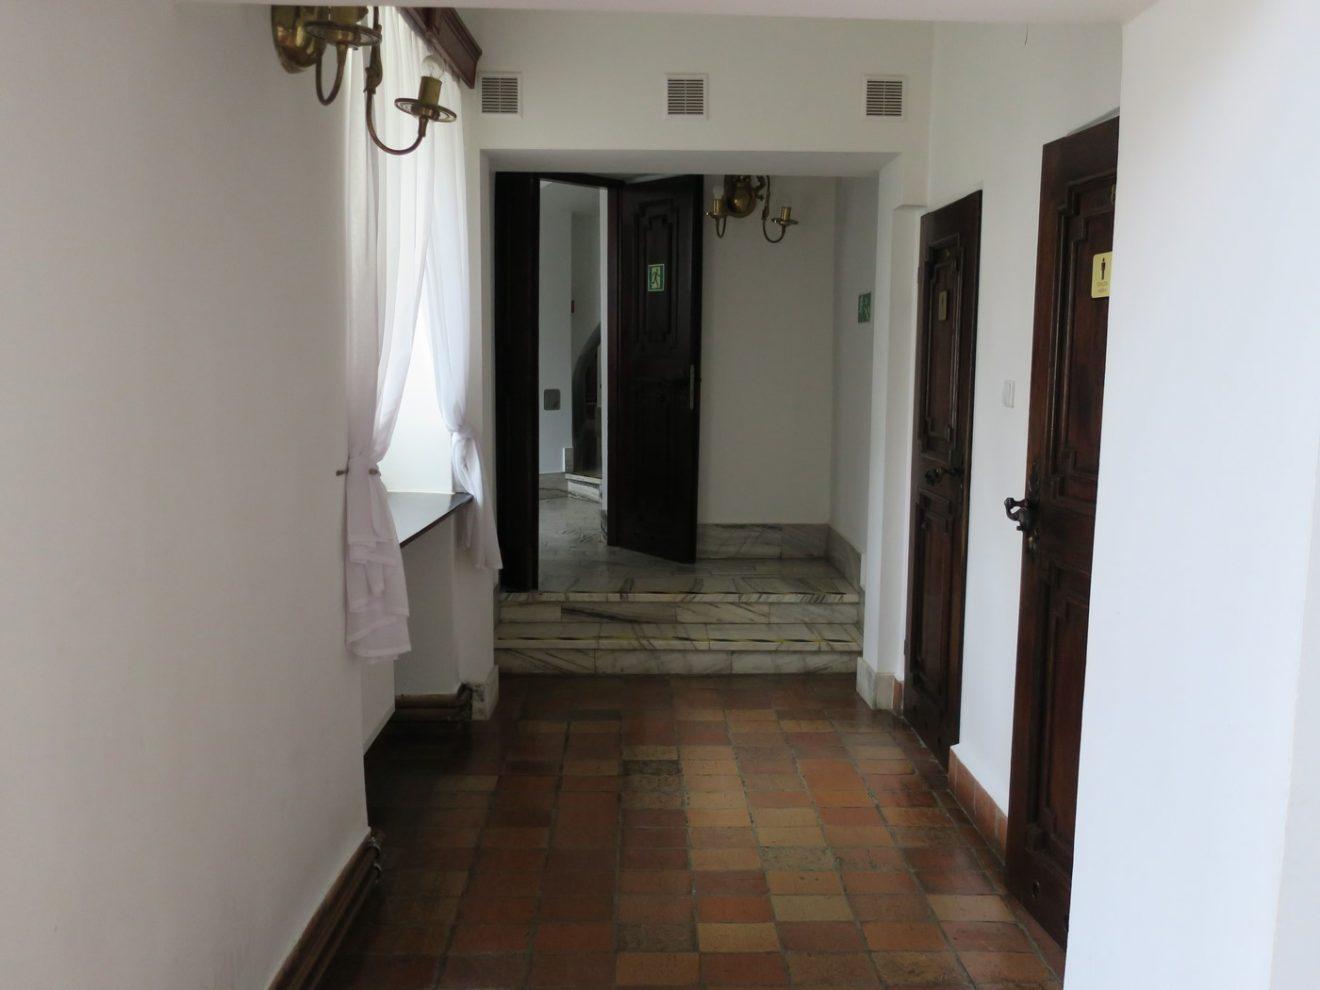 Fotografia korytarza z widocznymi schodami i zróżnicowanymi poziomami podłóg